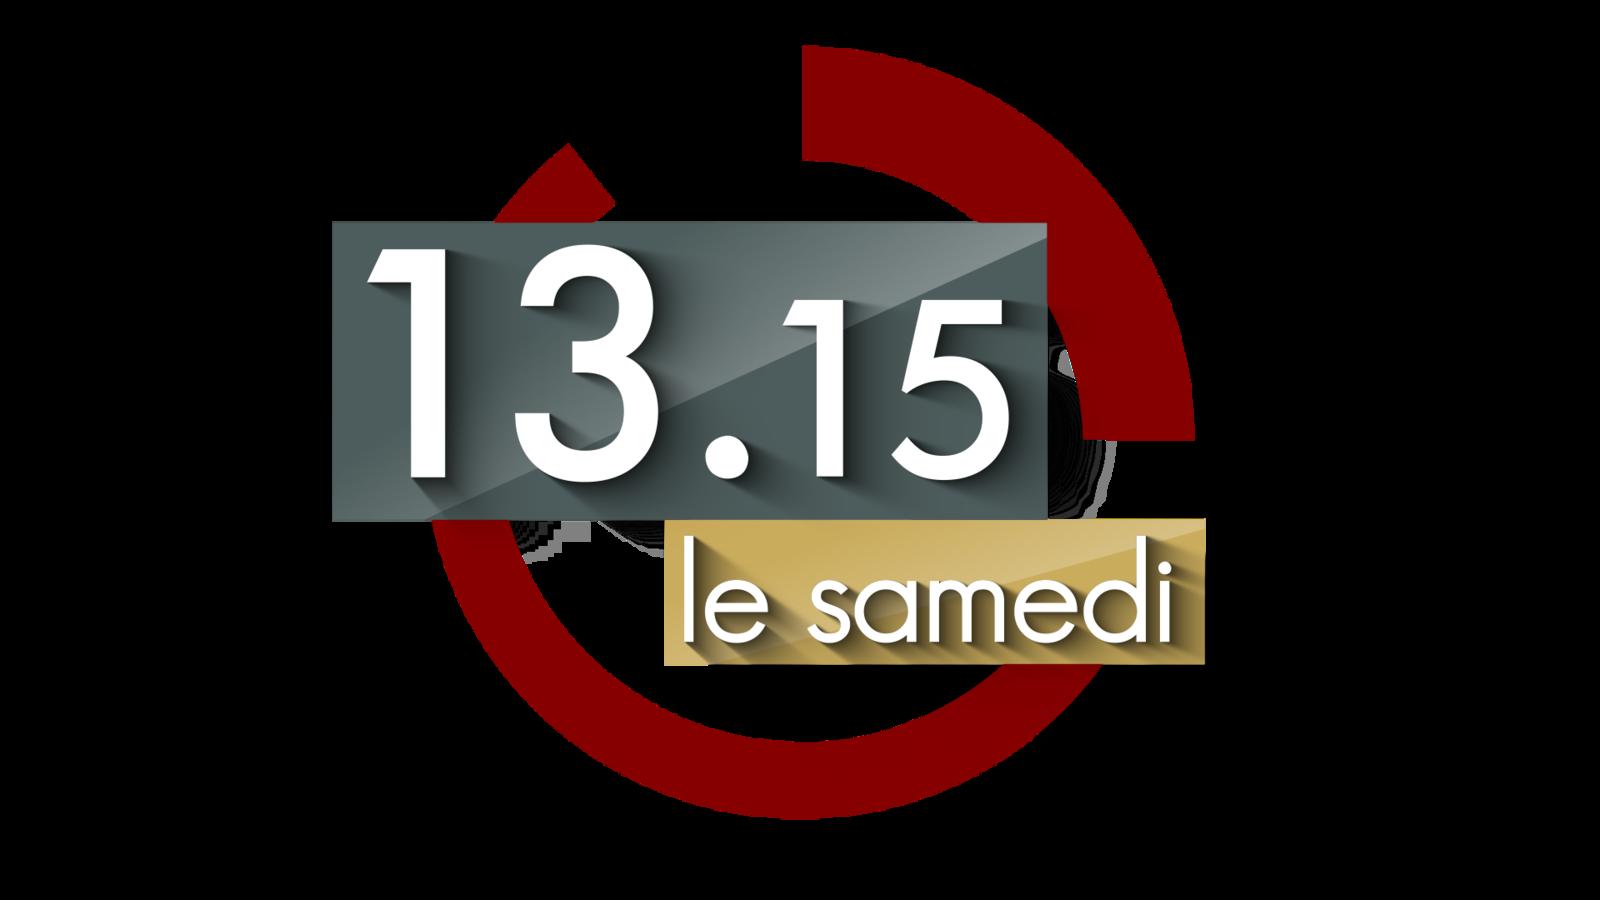 5 procès pour 1 coupable : reportage à 13h15 ce samedi sur France 2.